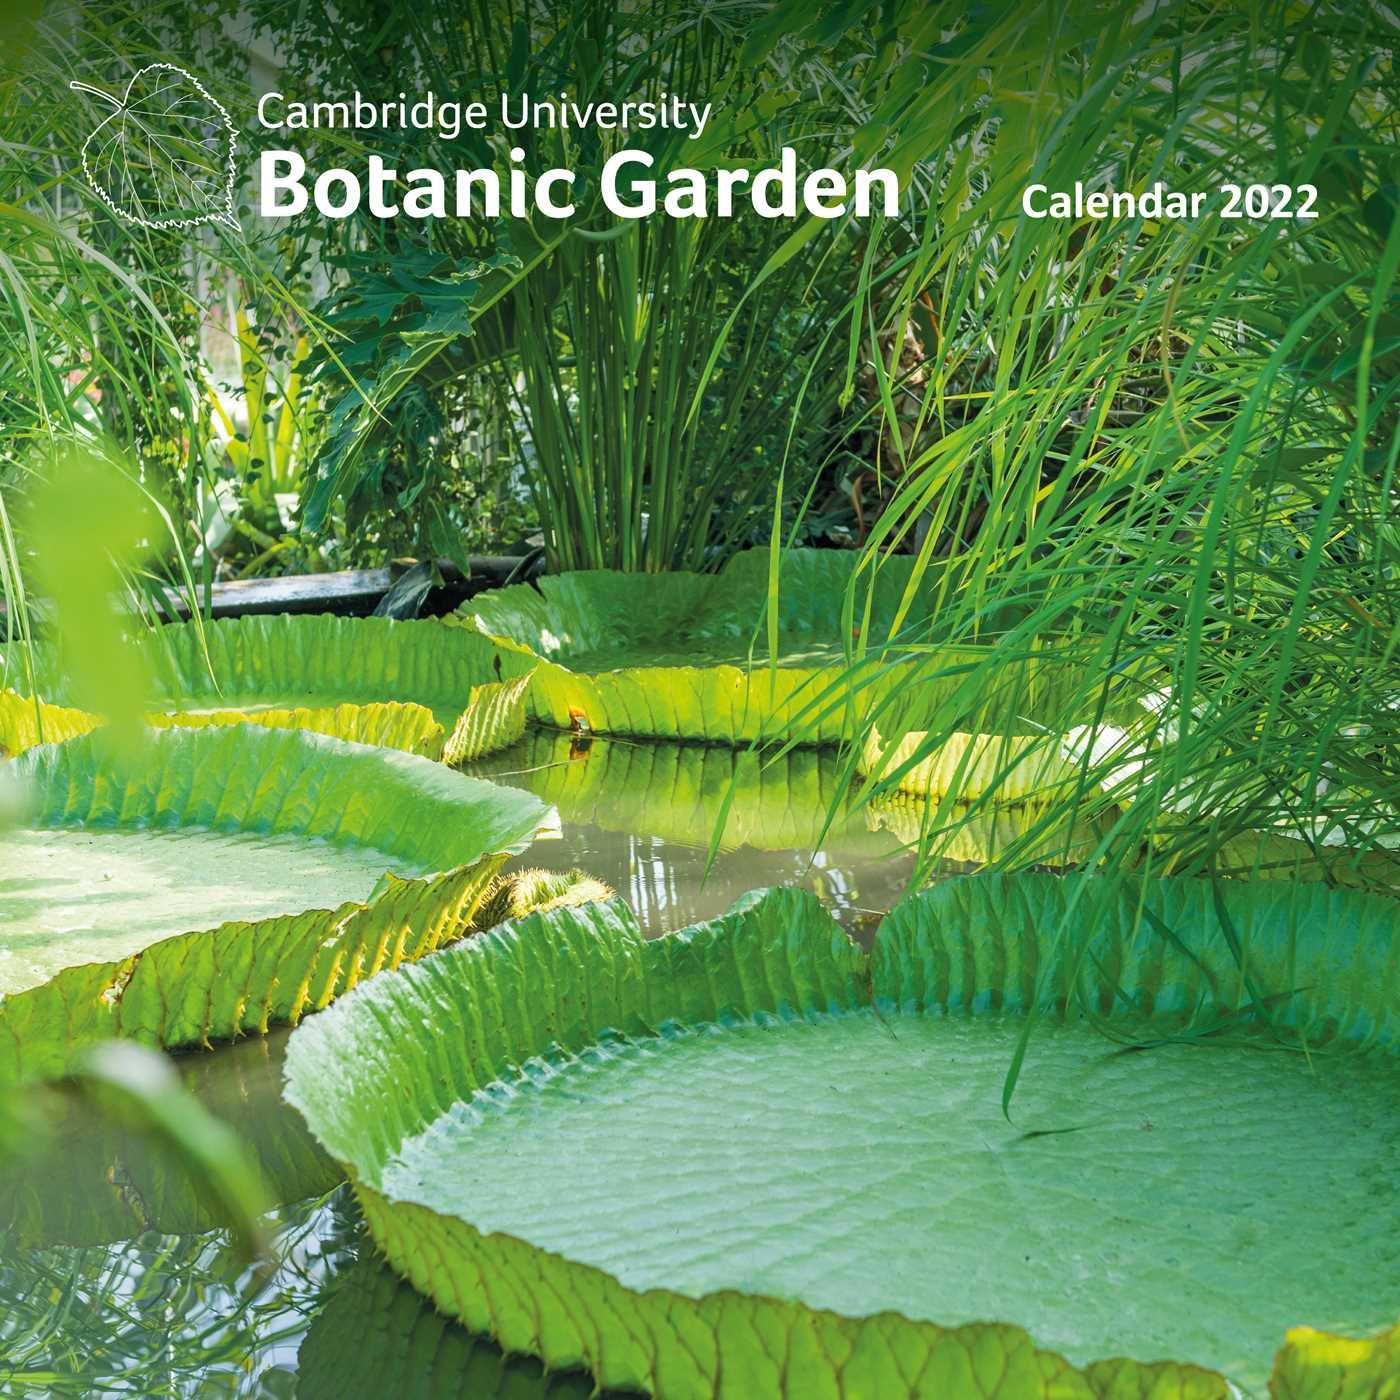 Ohio University 2022 Calendar.Cambridge University Botanic Garden Wall Calendar 2022 Art Calendar Book Summary Video Official Publisher Page Simon Schuster